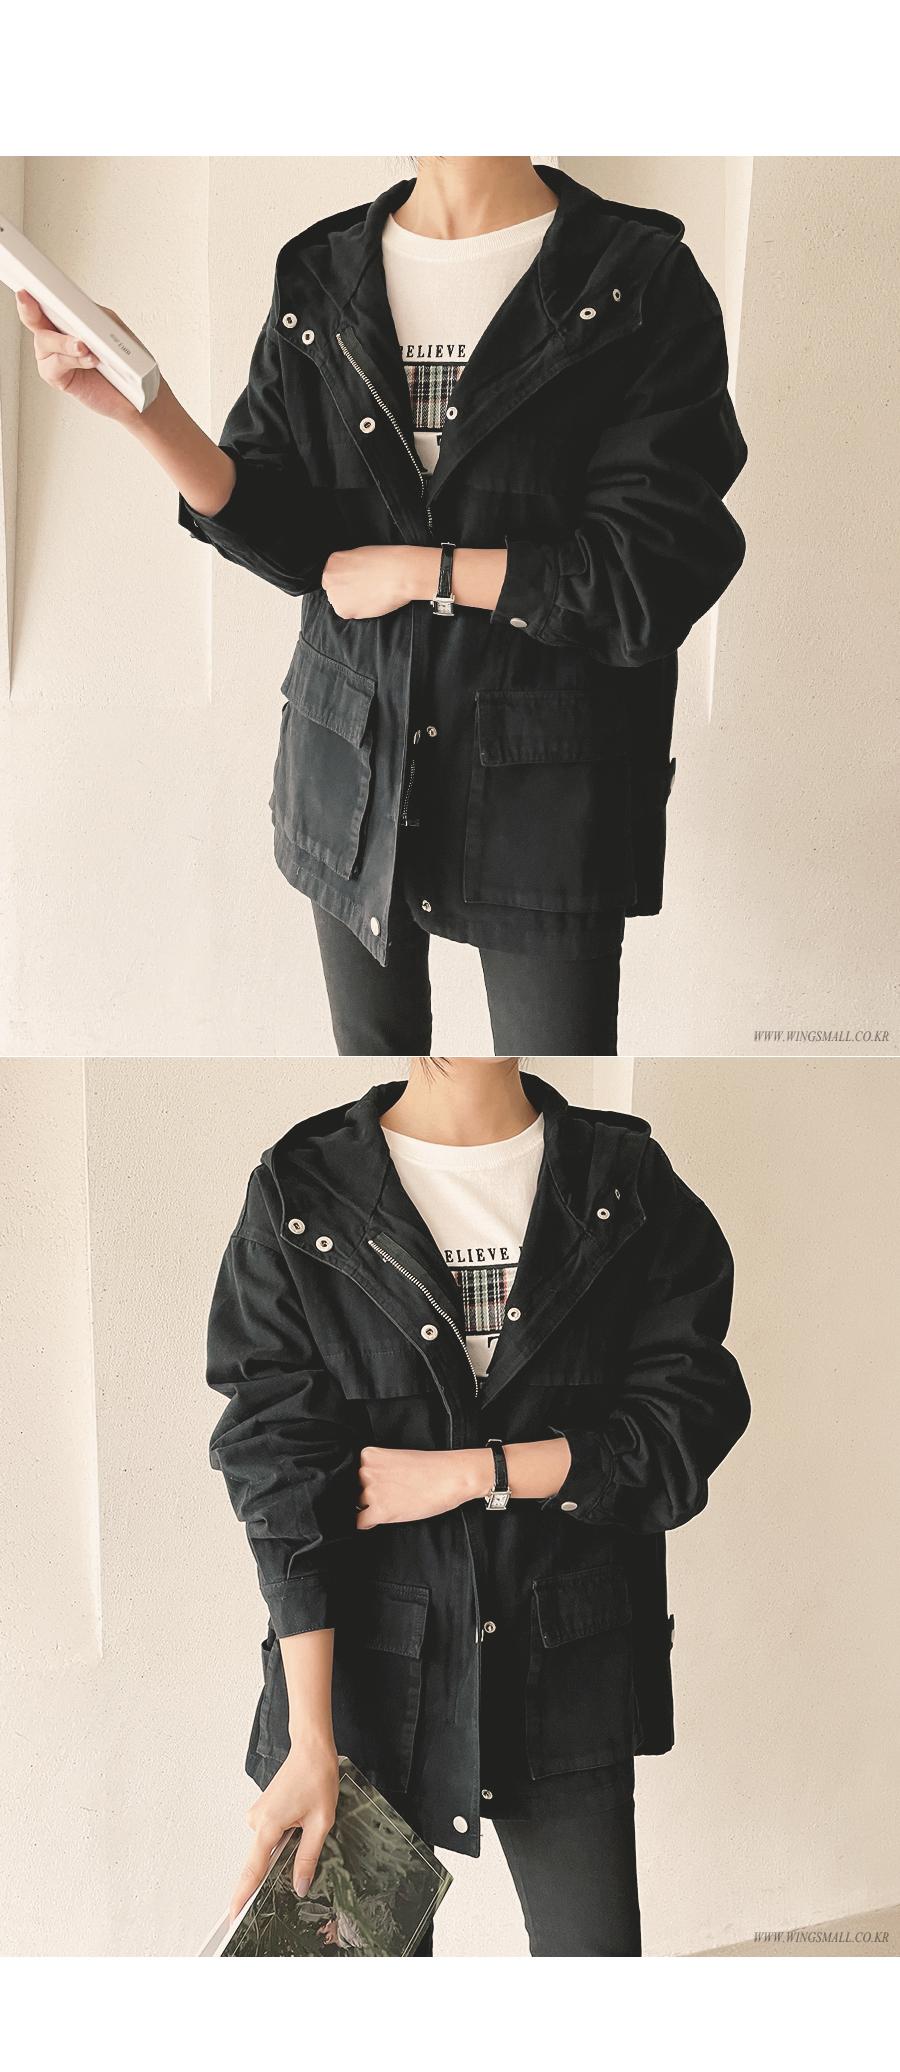 jacket model image-S1L5